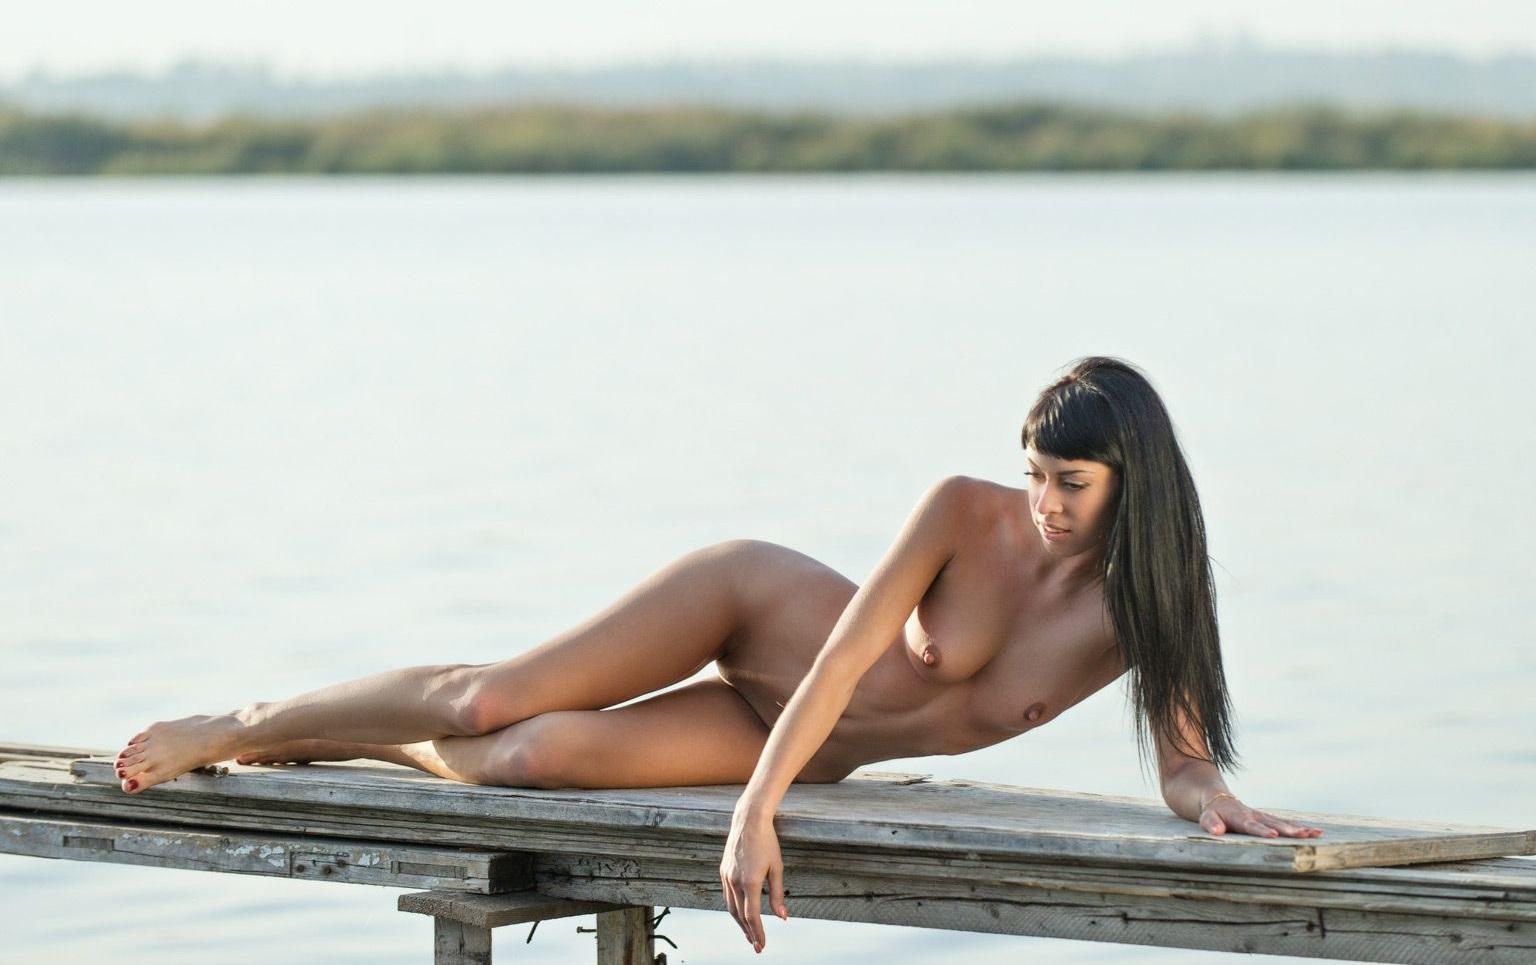 Украинки Девушки Фото Обнаженные